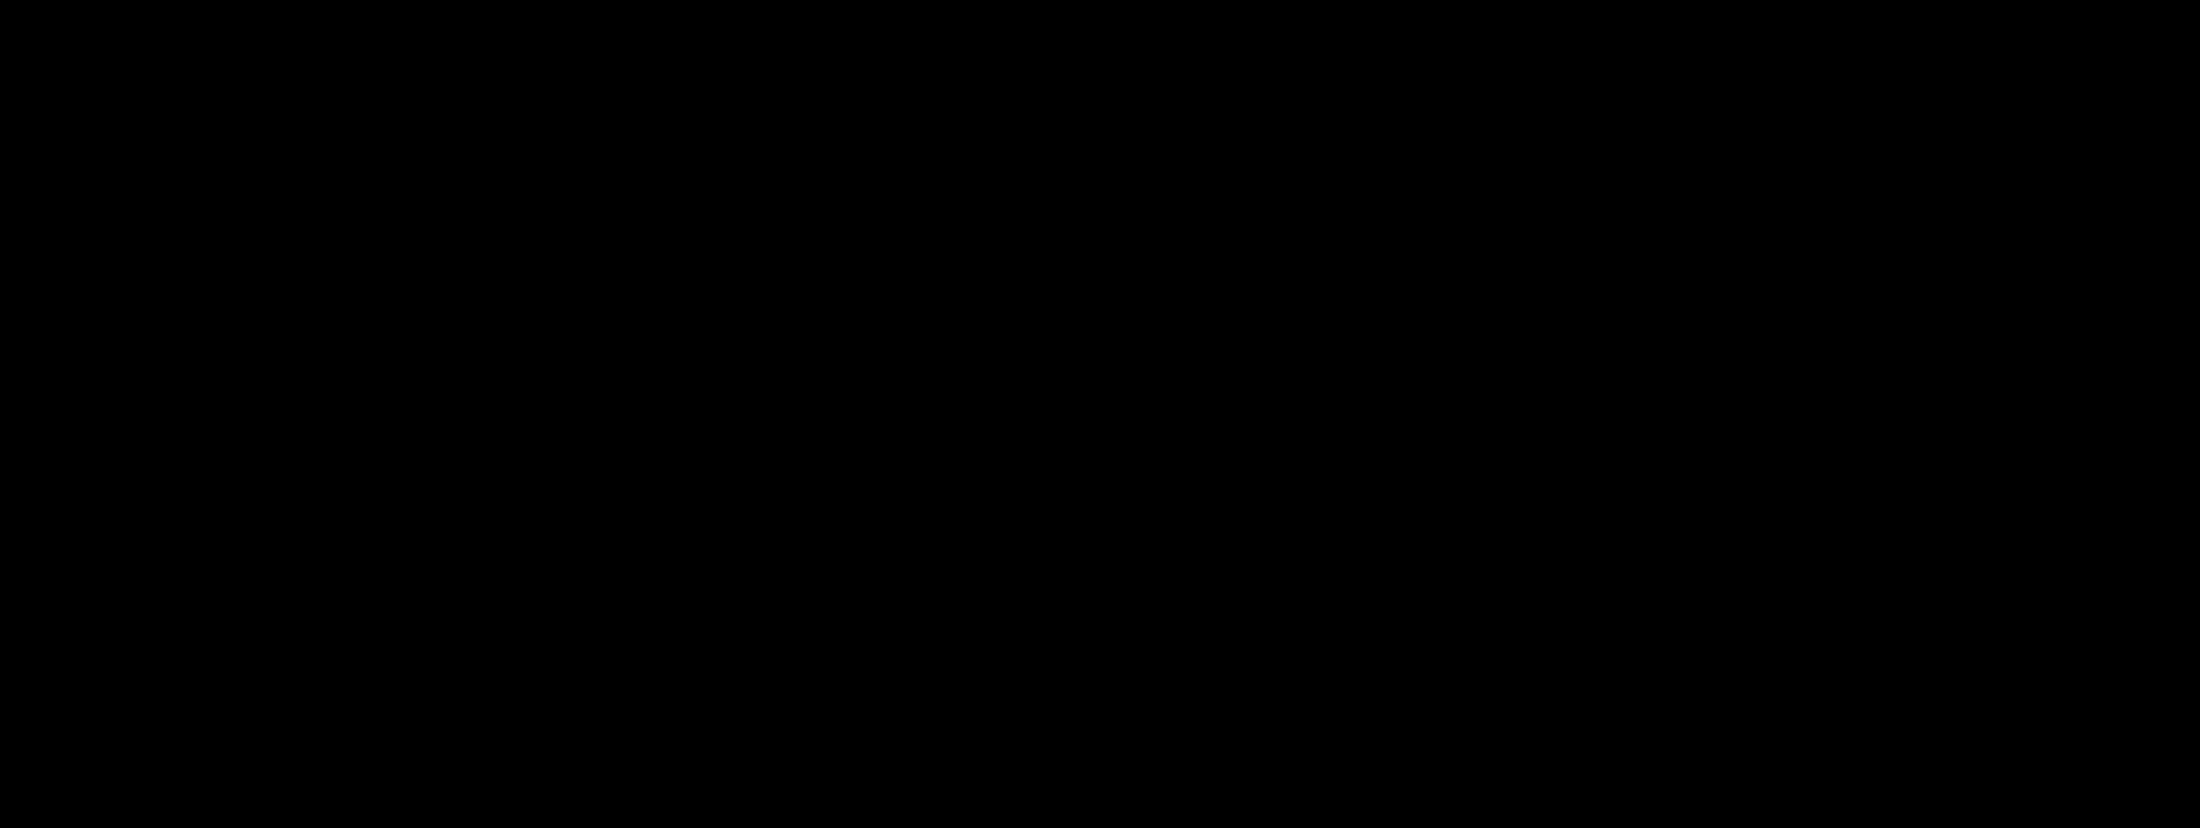 (+)-Biotinyl hexylamine